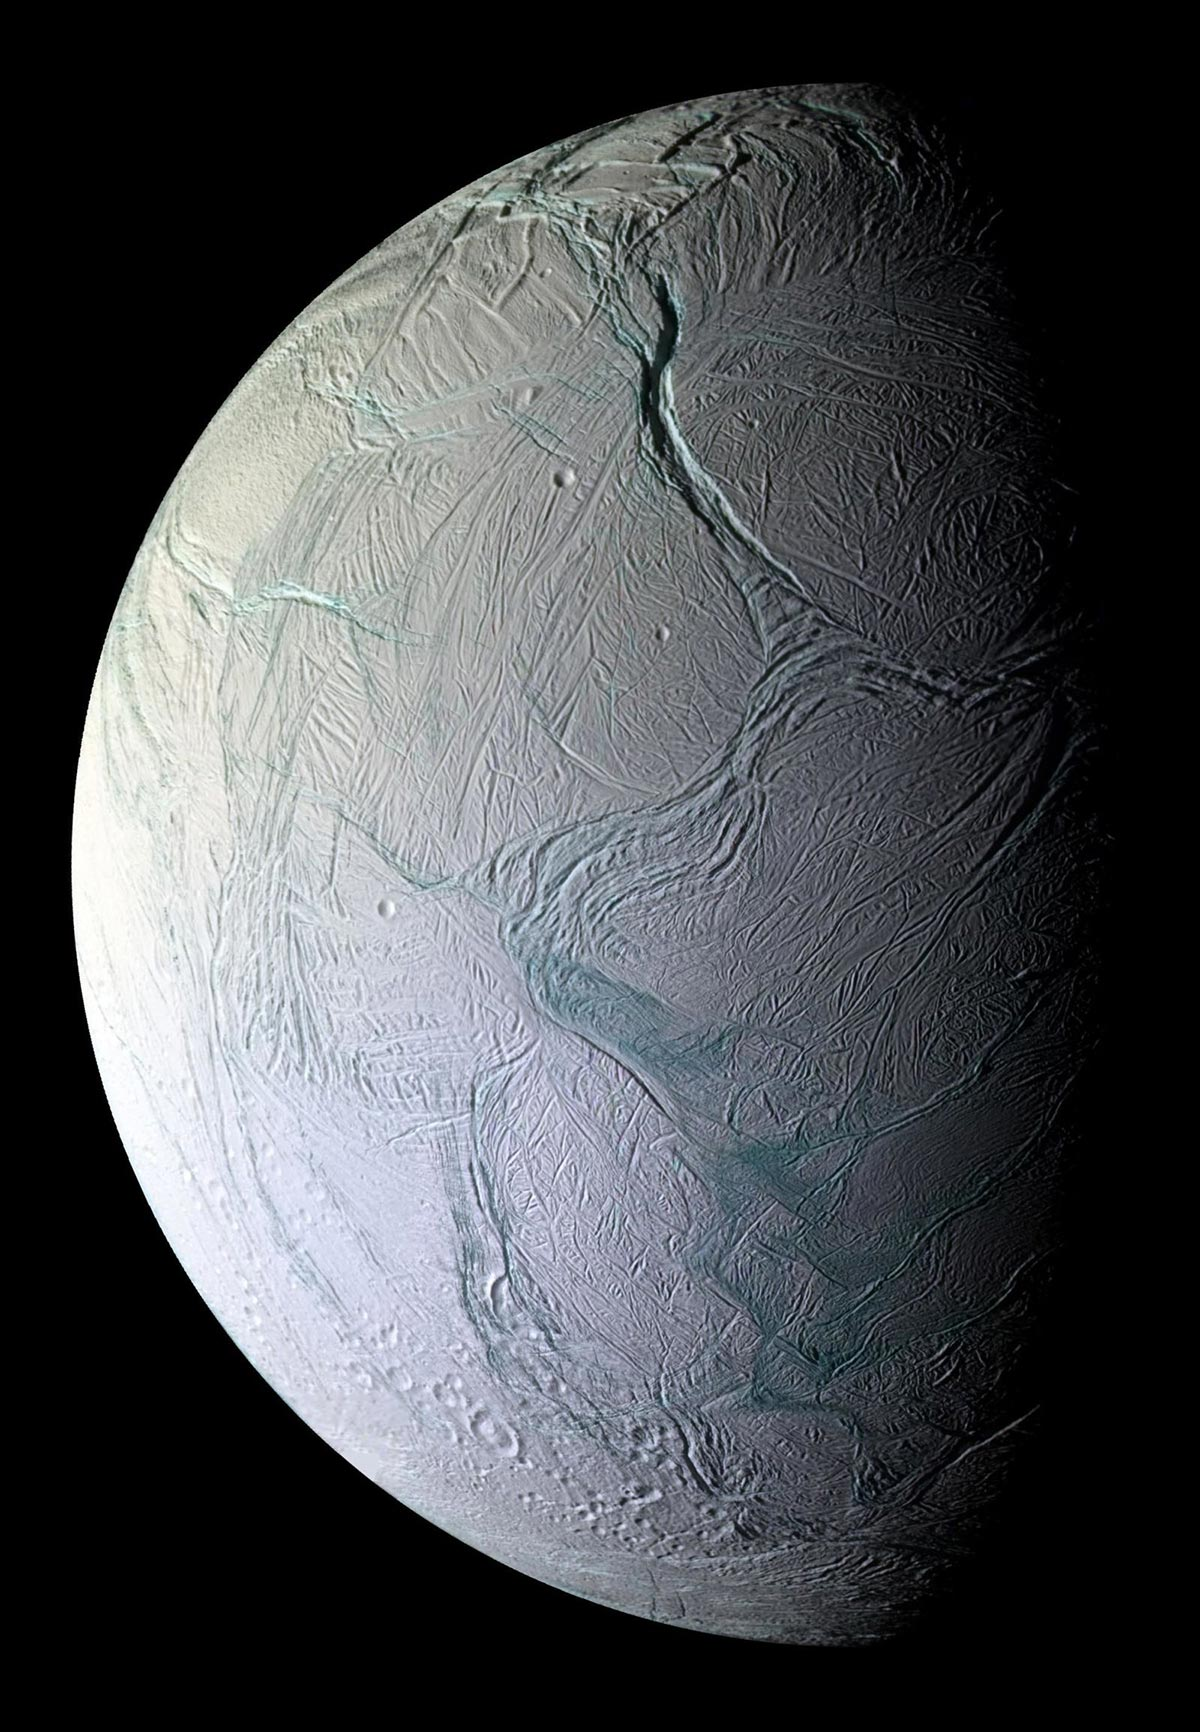 Encelado fotografato dalla sonda Cassini